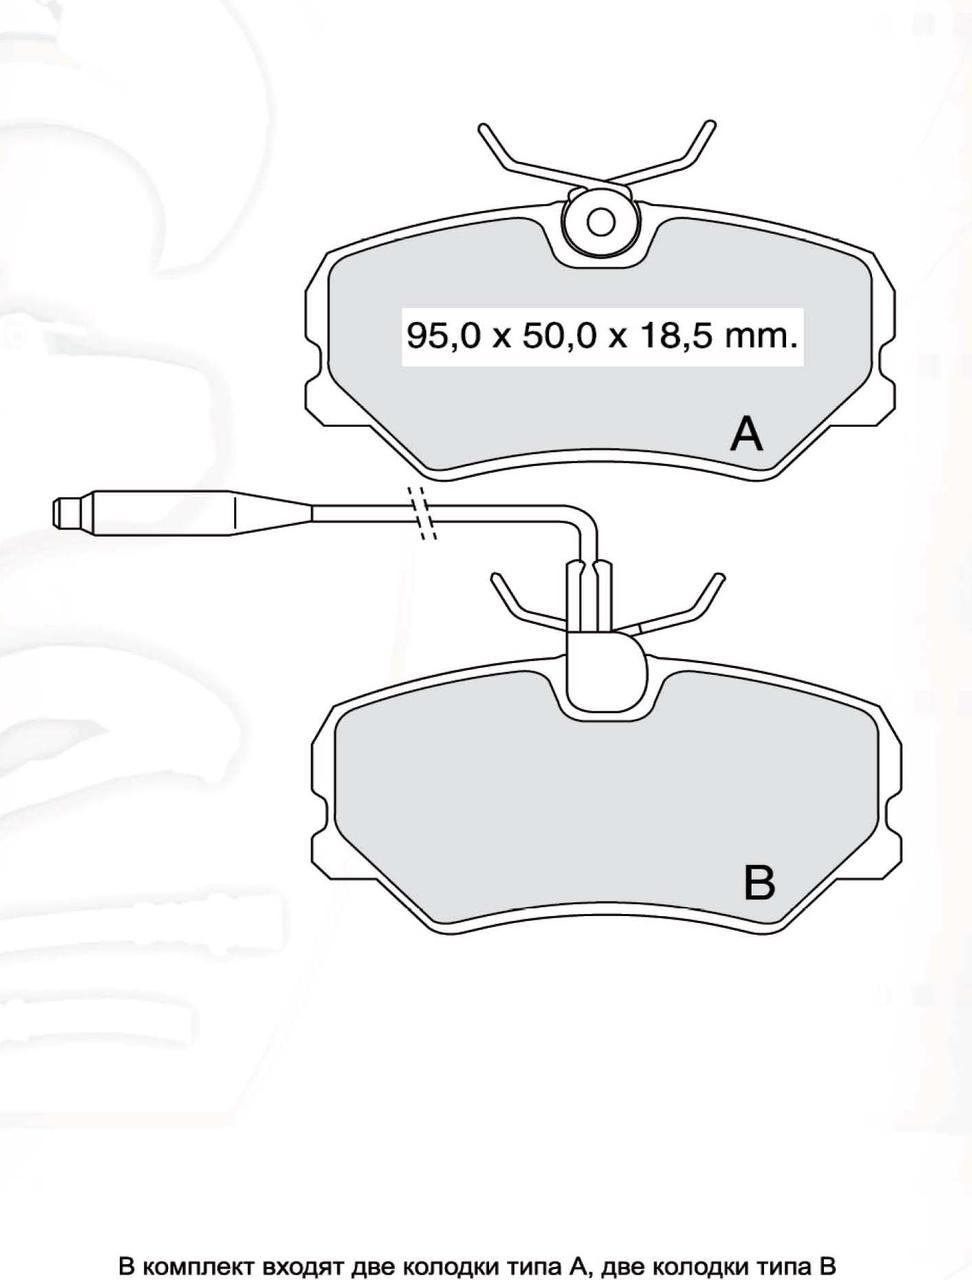 DBB 262.00 Тормозные колодки (передние) CITROEN 95666894, PEUGEOT 425107